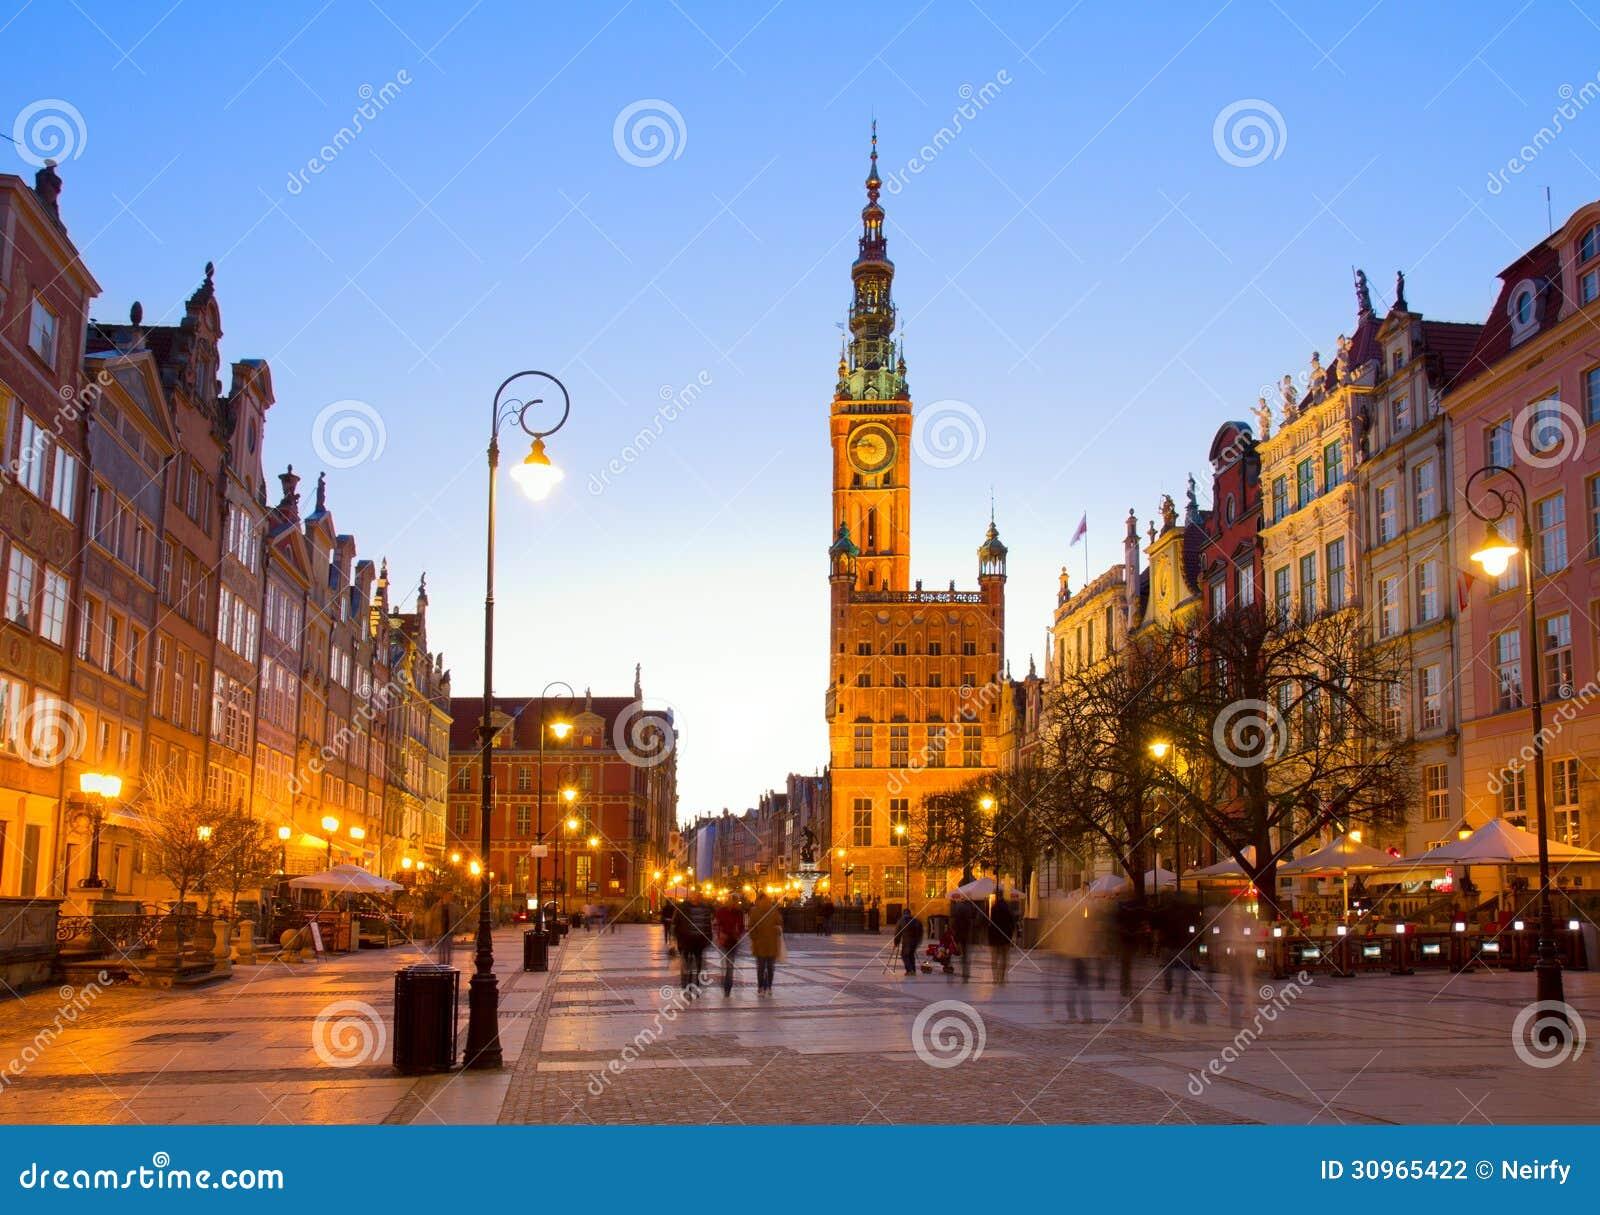 Παλαιά κωμόπολη του Γντανσκ με την αίθουσα πόλεων τη νύχτα